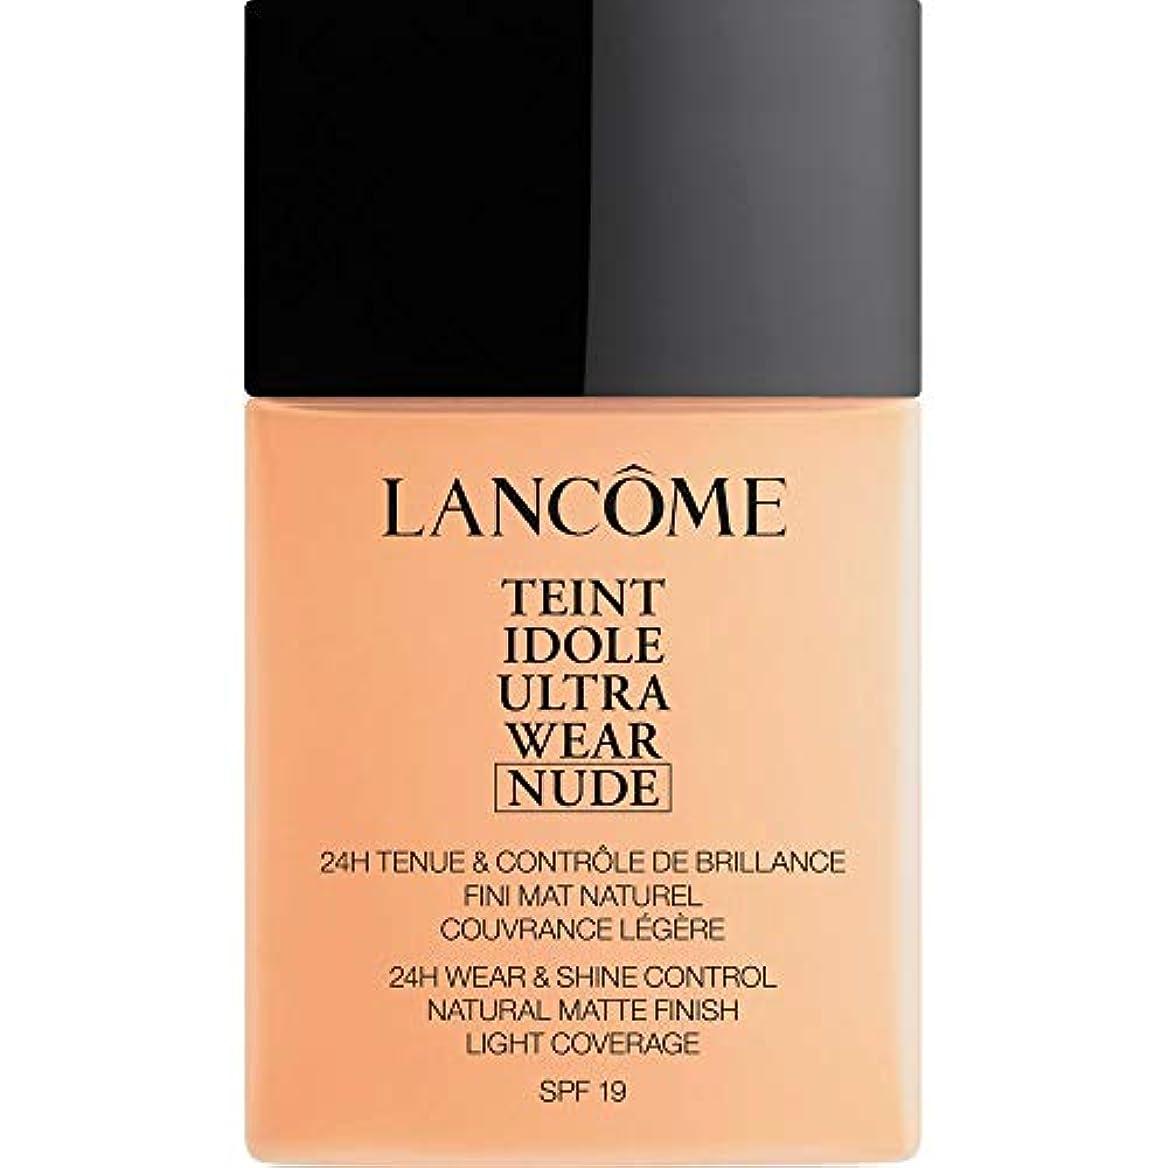 悲観主義者セットアップ解説[Lanc?me ] ランコムTeintのIdole超ヌード財団Spf19の40ミリリットル024を着る - ベージュヴァニラを - Lancome Teint Idole Ultra Wear Nude Foundation...